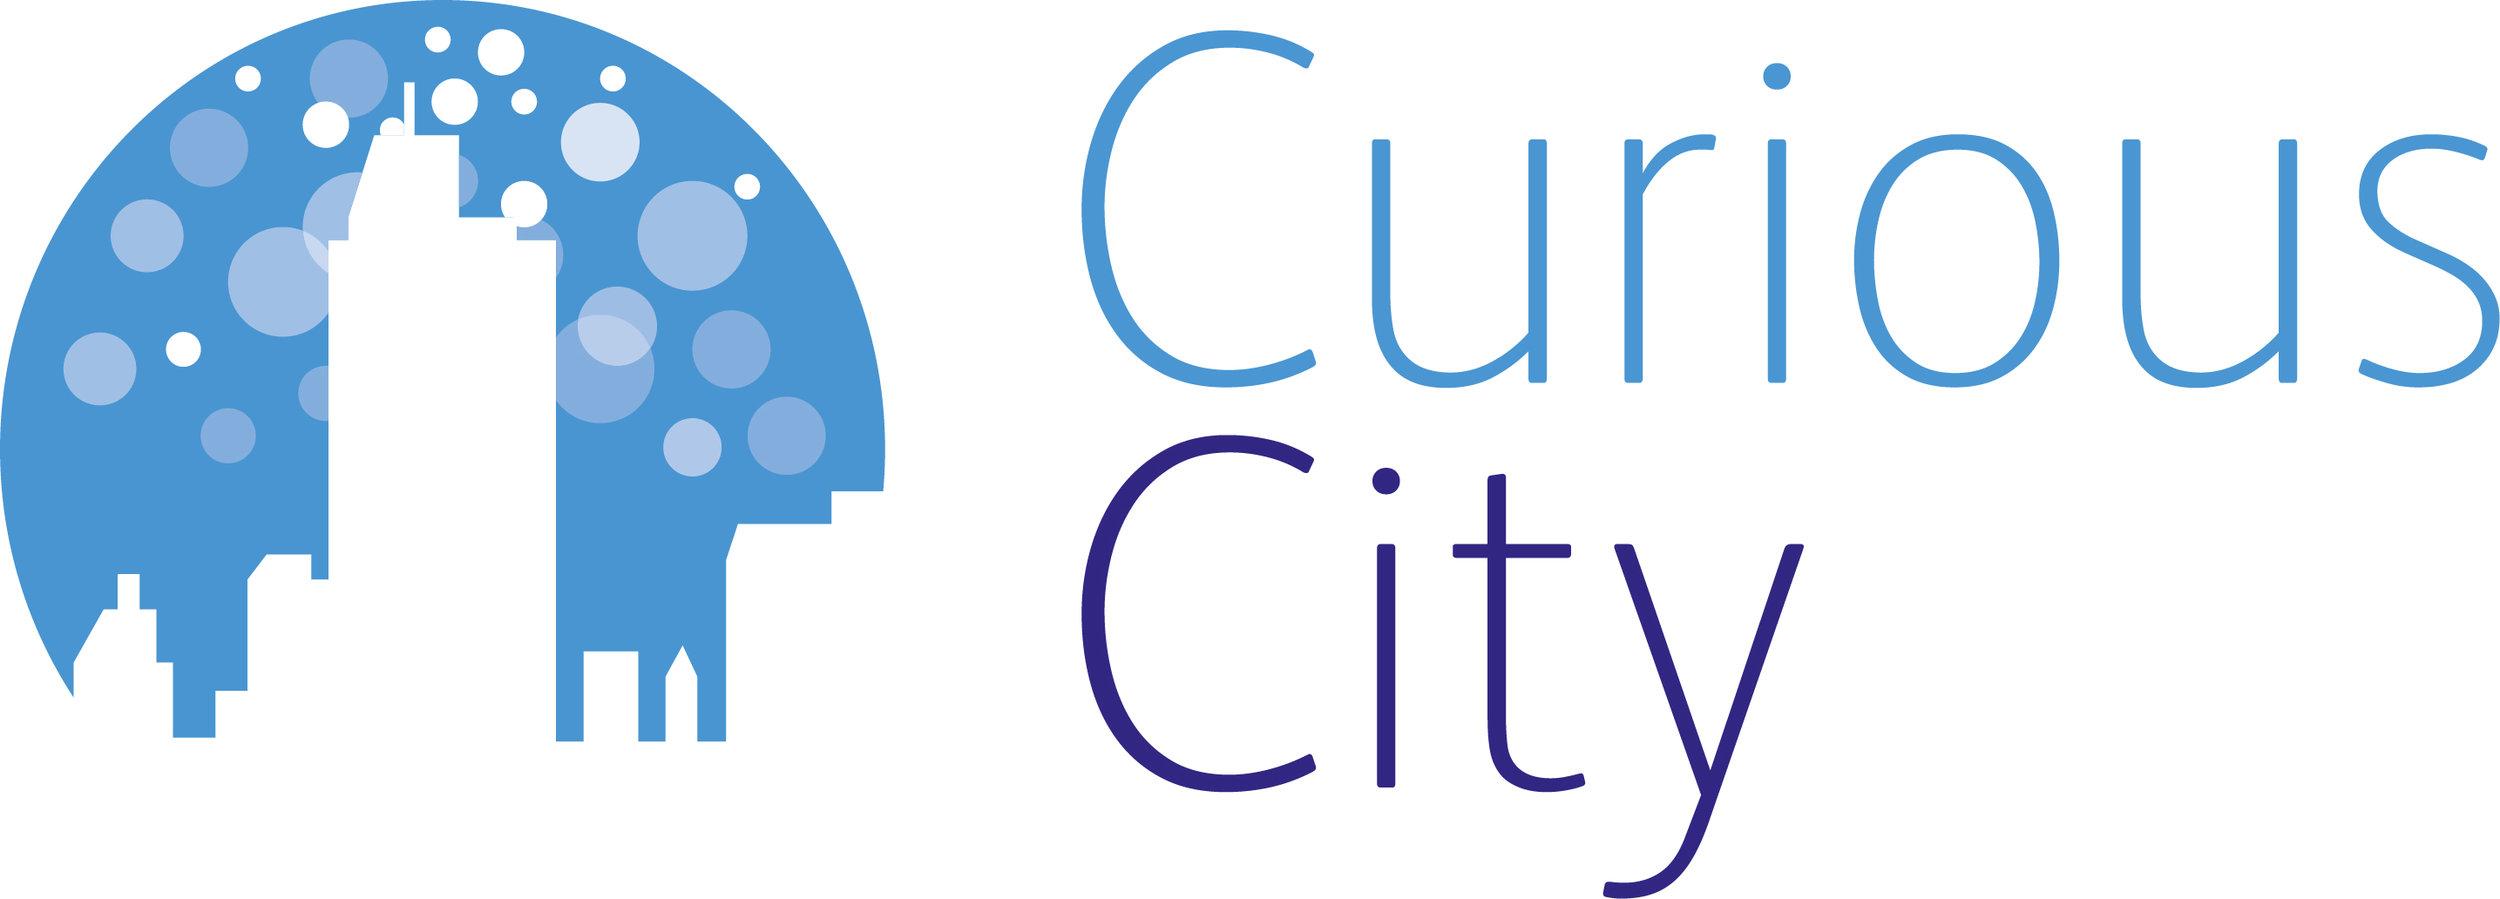 Curious City.jpg